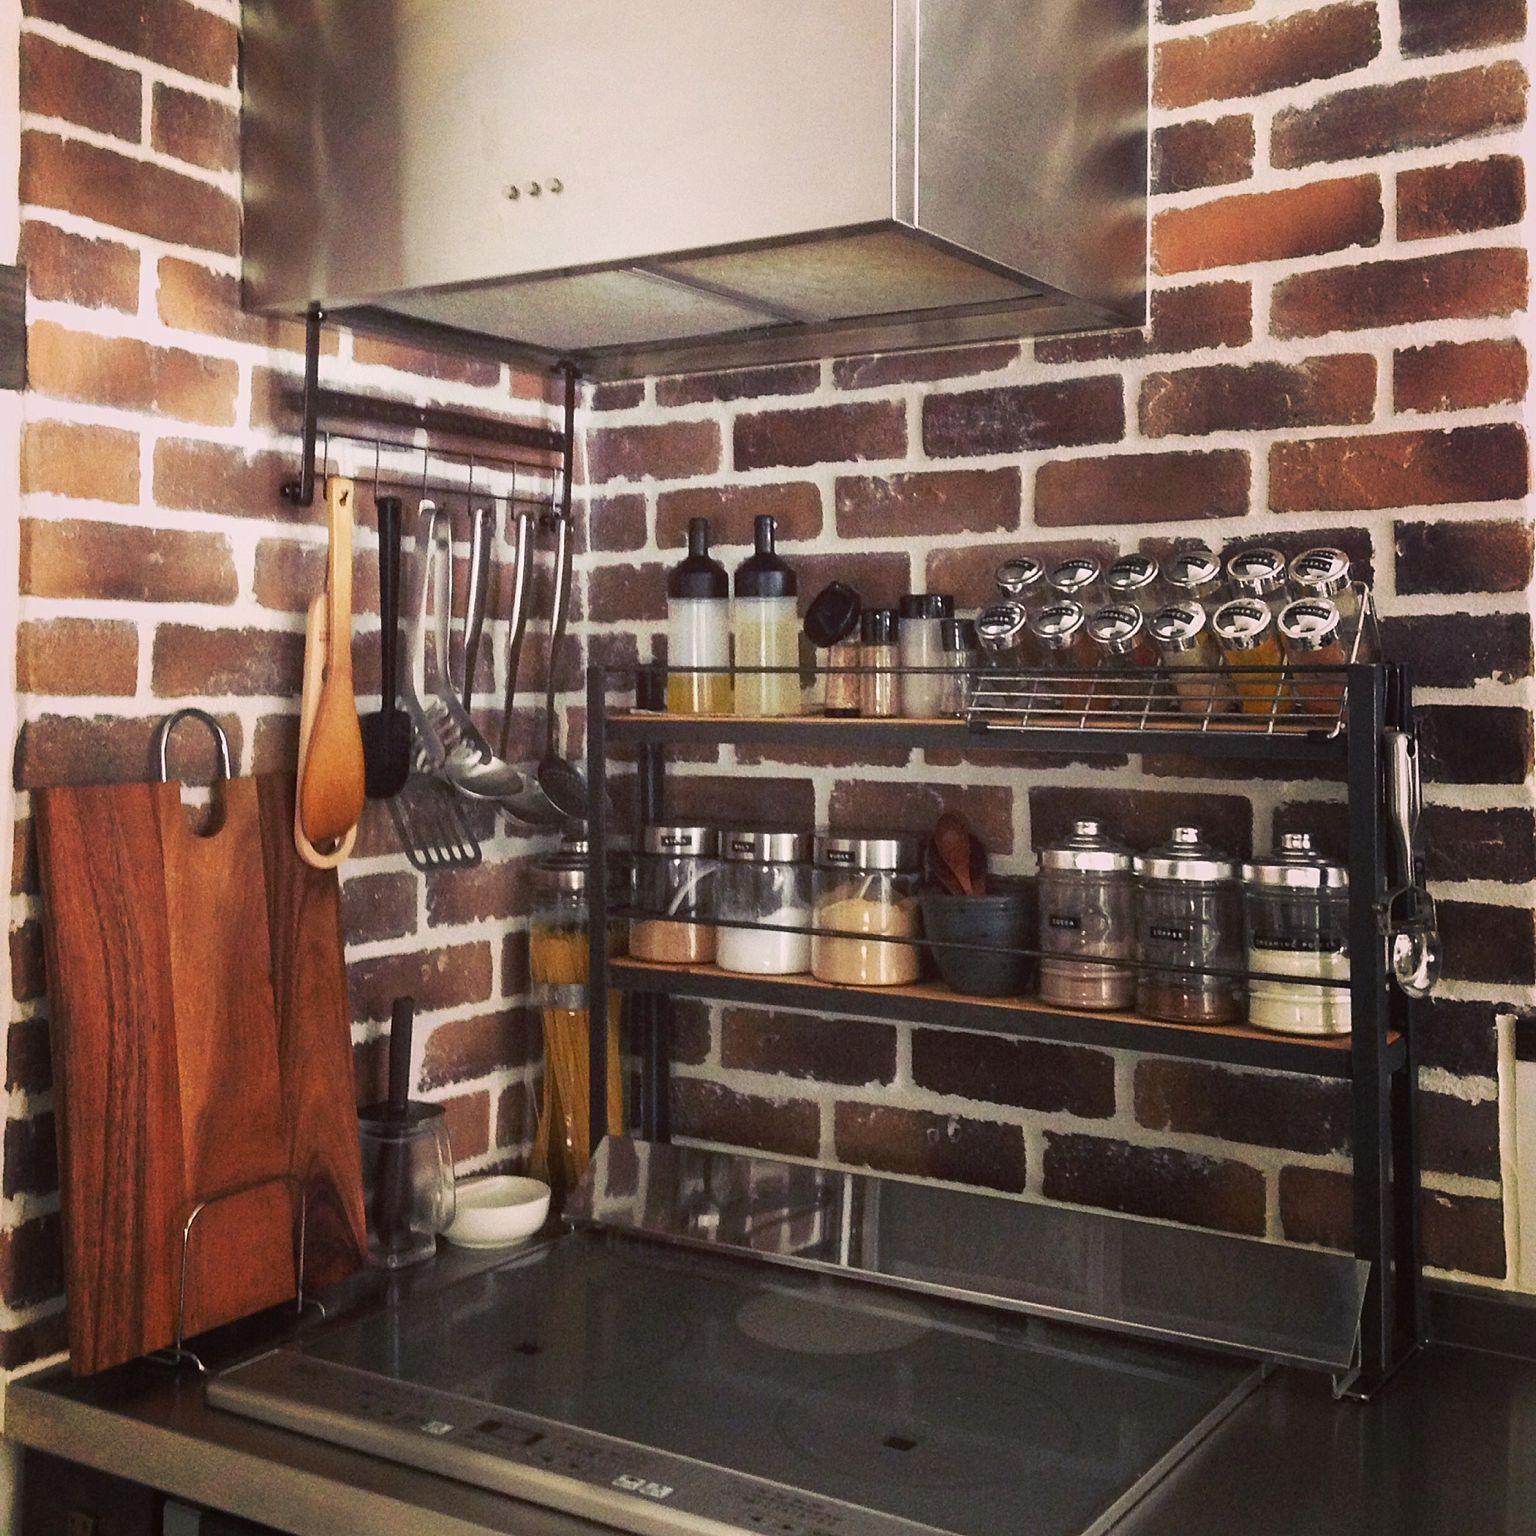 Kitchen ケヴンハウン セリア ダルトン 無印良品 Ranranちゃんのスパイスラック などのインテリア実例 2016 04 26 20 54 45 ホームアイデア Japanese Kitchen Rustic Decor Interior